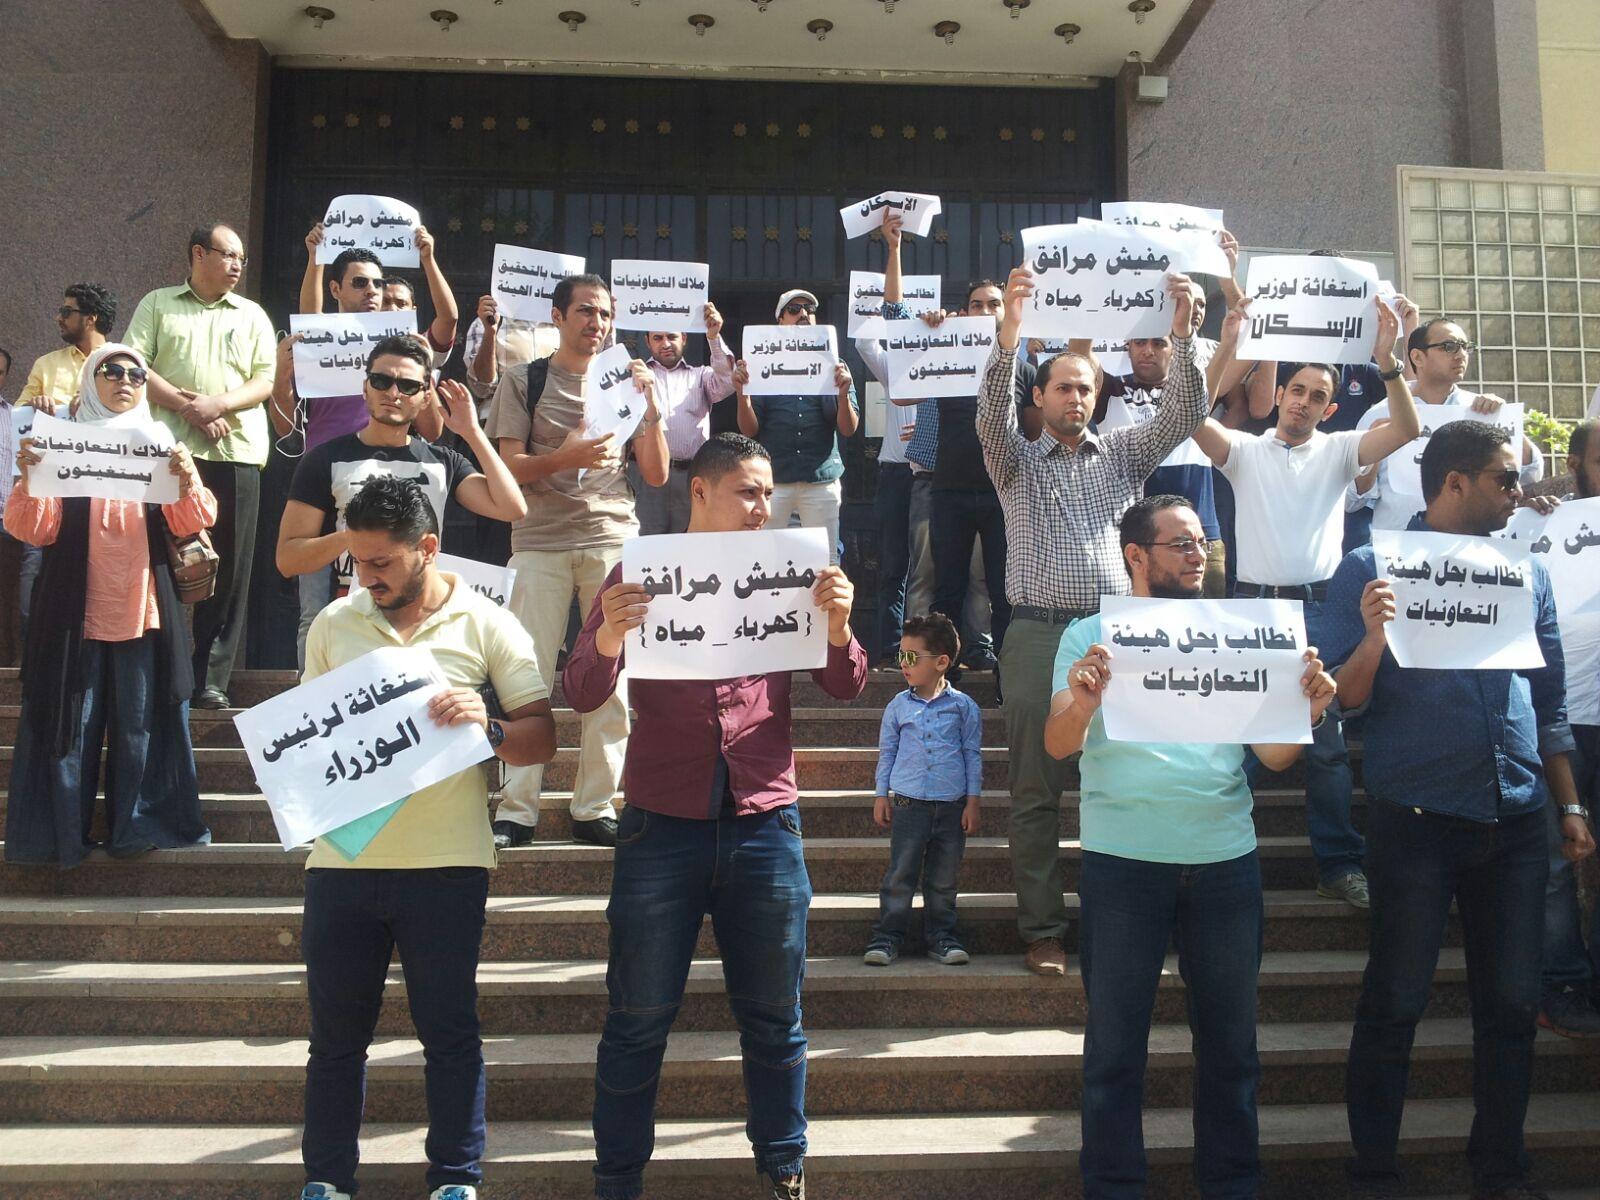 وقفة لسكان «تعاونيات 6 أكتوبر» احتجاجًا على تسلمهم شقق بدون مرافق